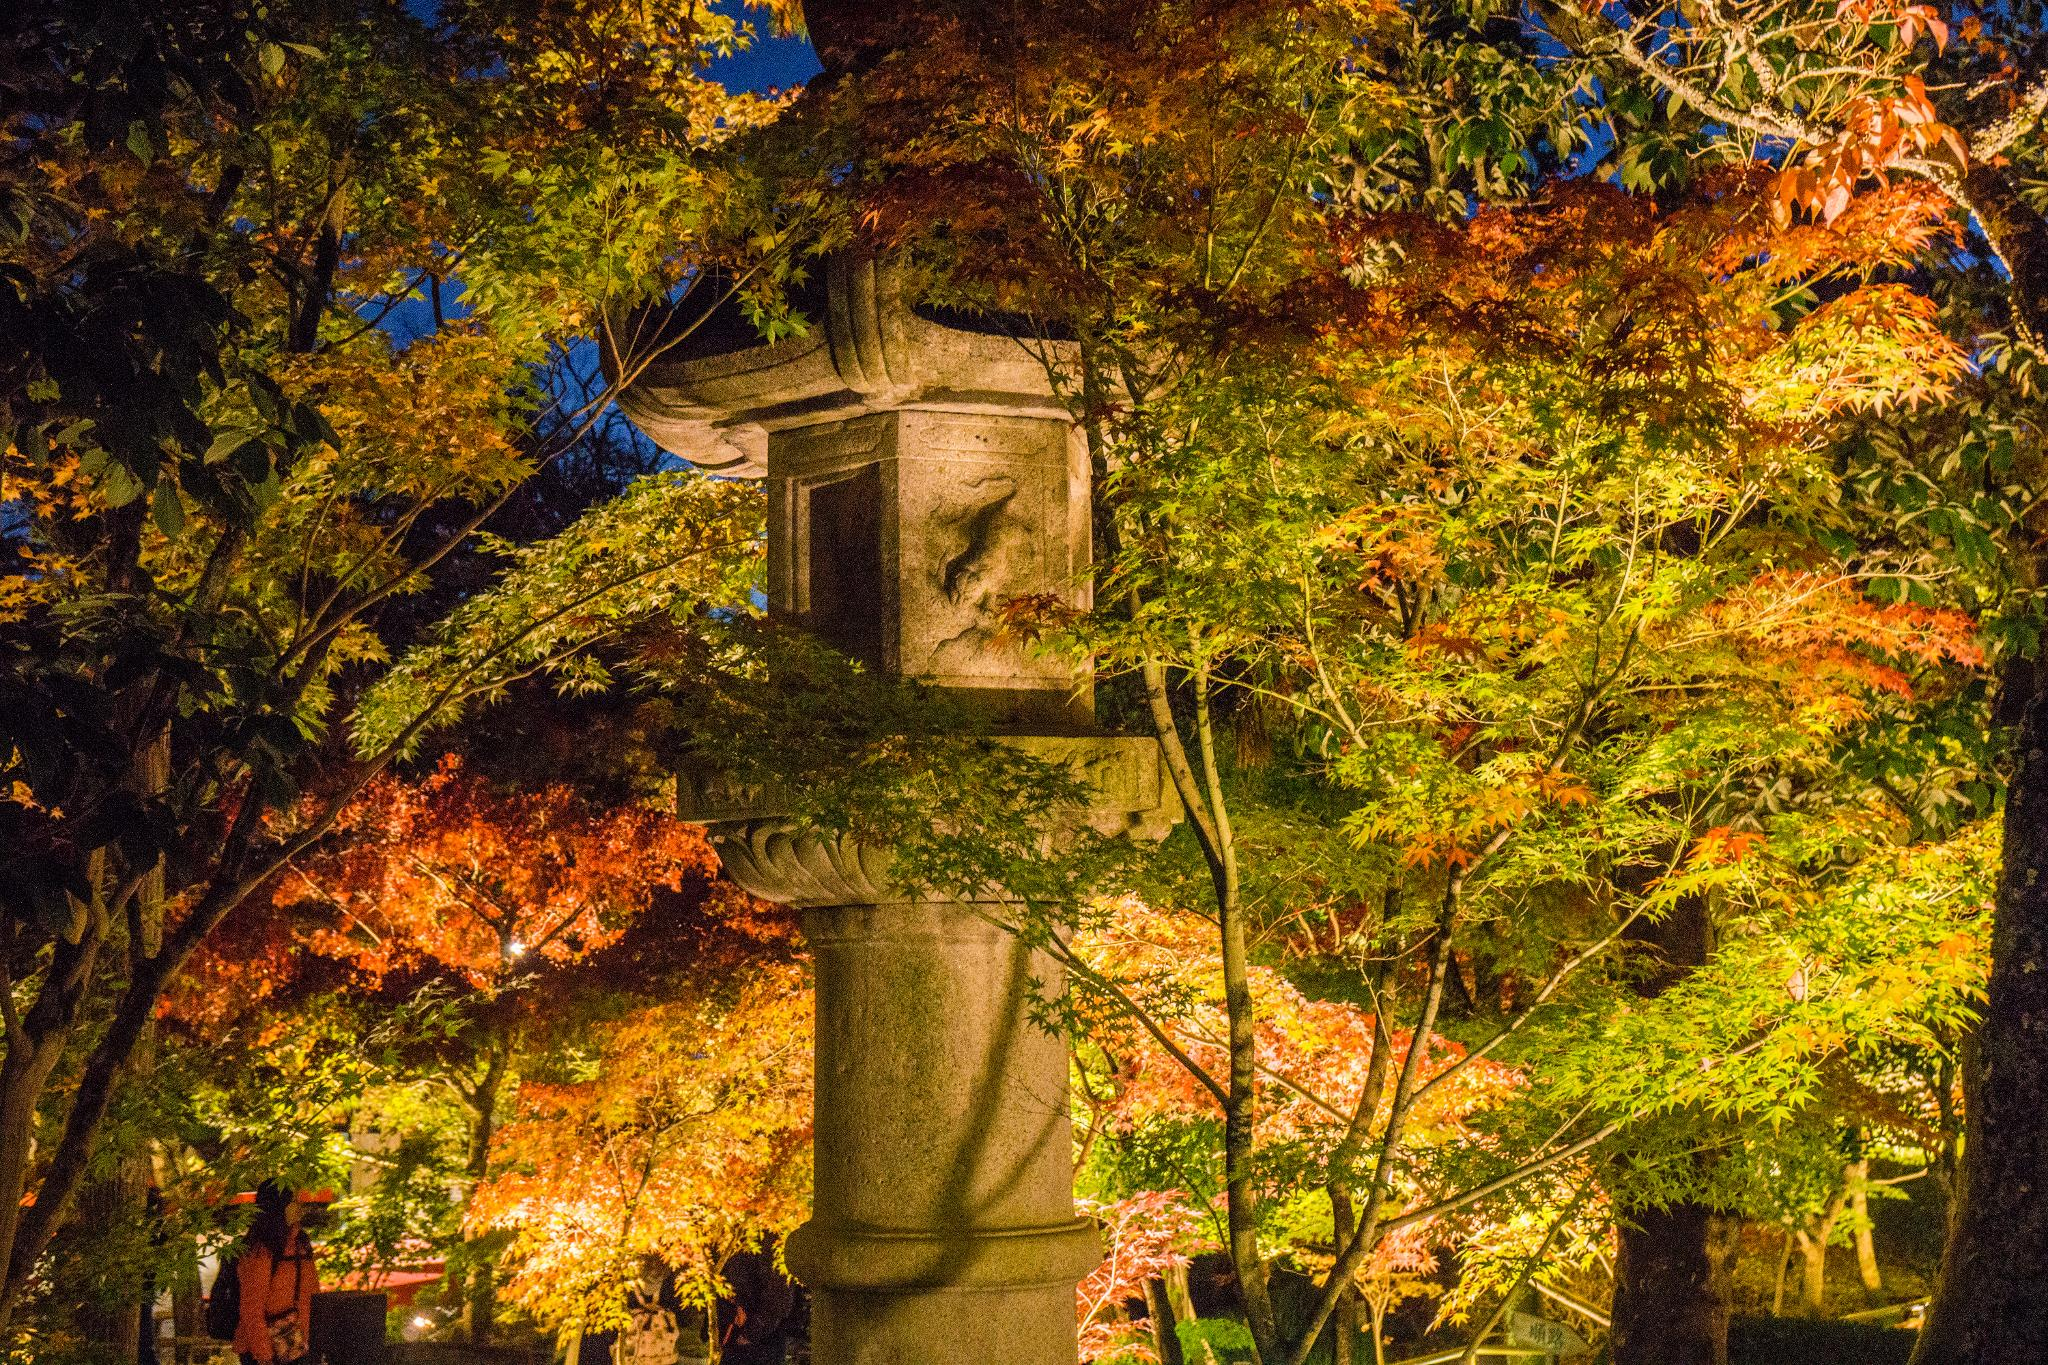 【京都】此生必來的紅葉狩絕景 - 永觀堂夜楓 109